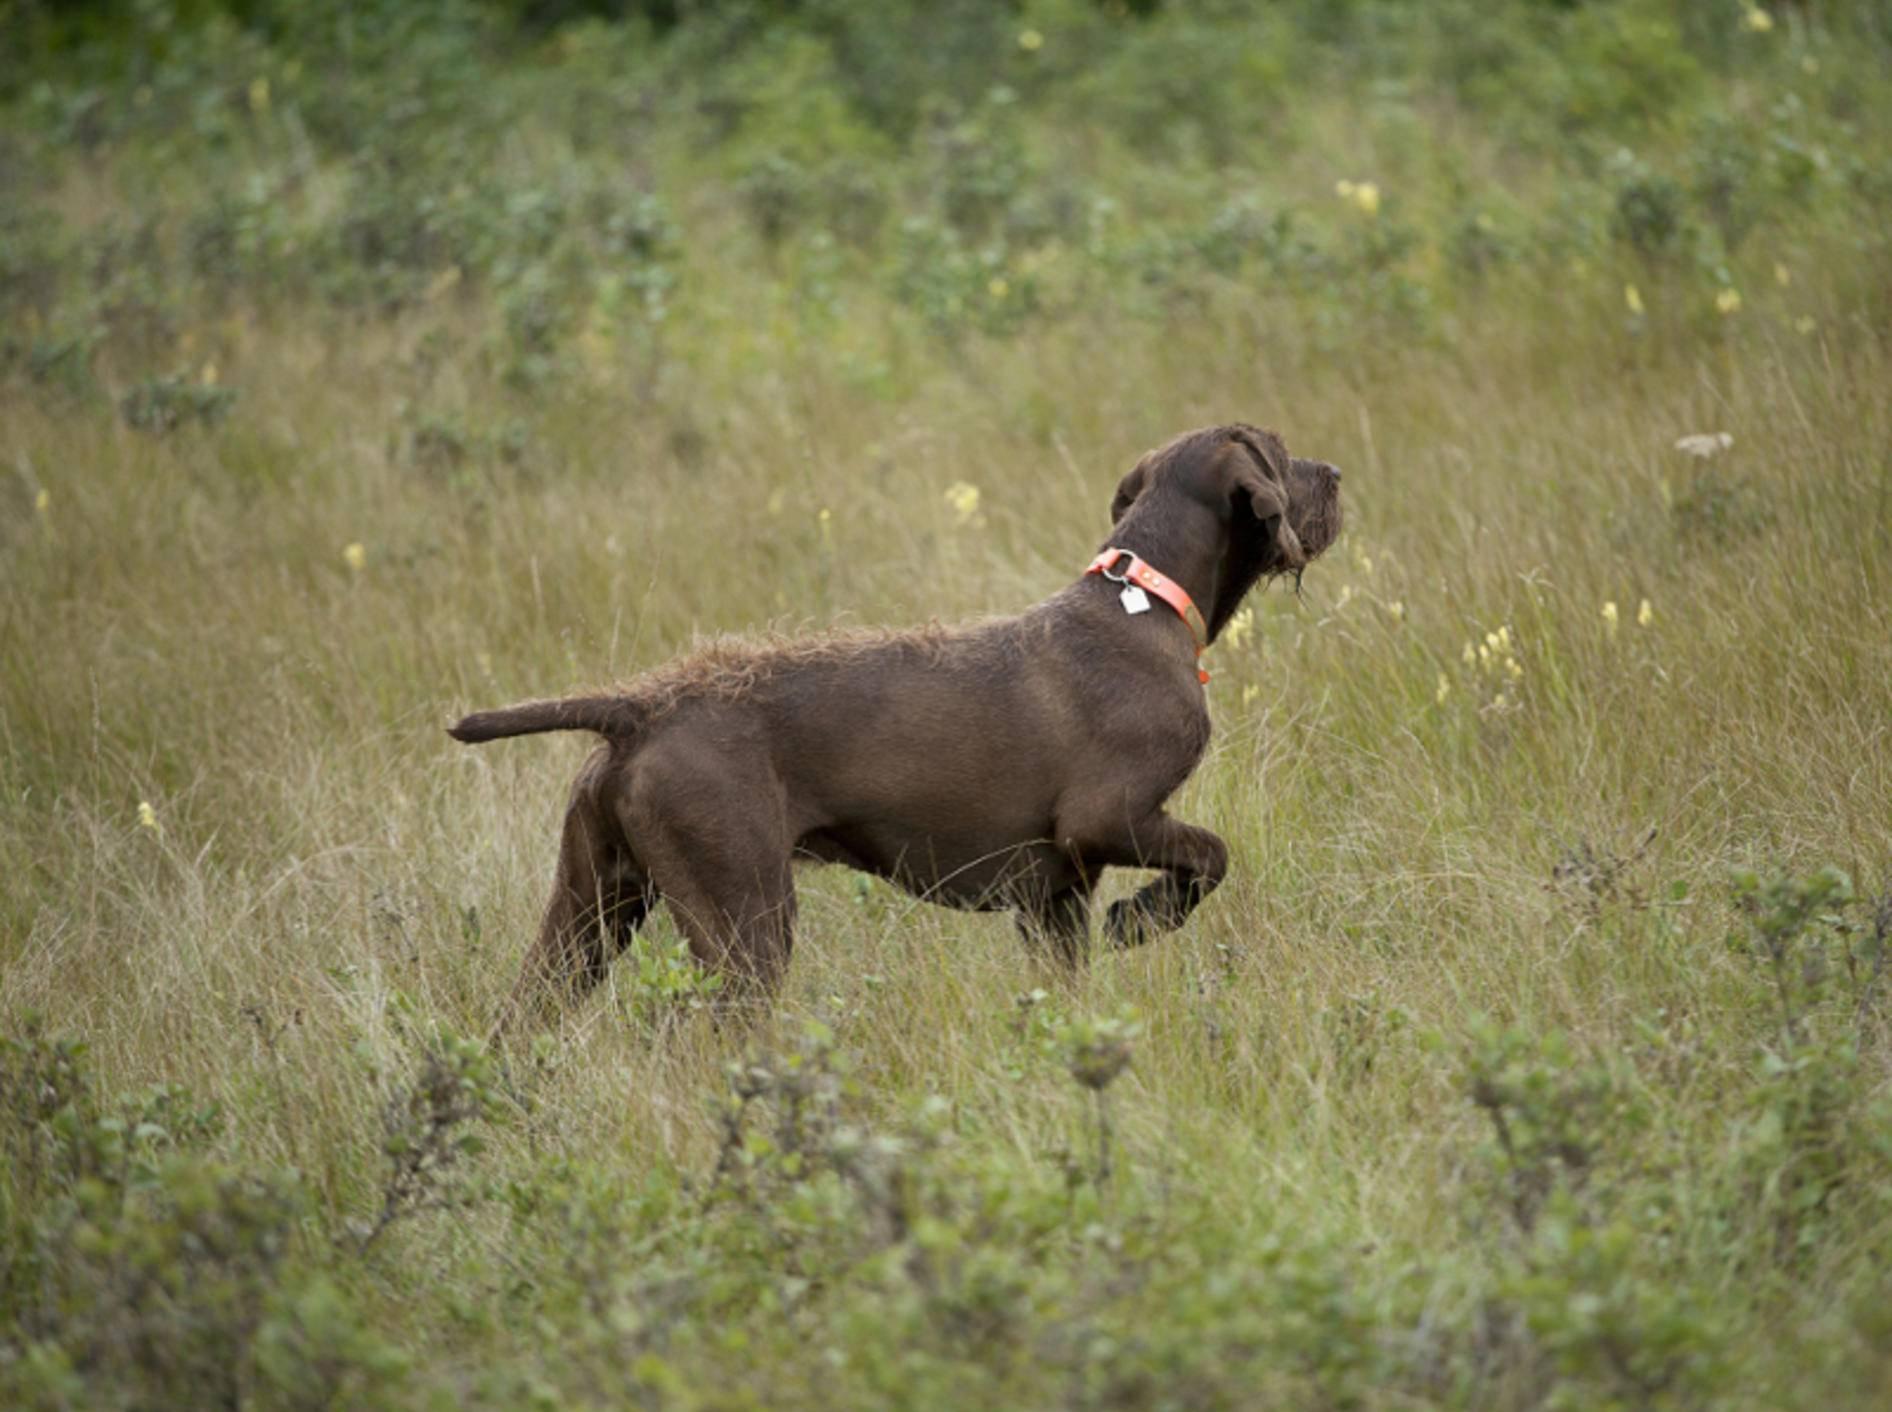 Hunde, die vorstehen, heben oft ein Bein und winkeln es an, wie dieser Pudelpointer zeigt – Shutterstock / Barna Tanko